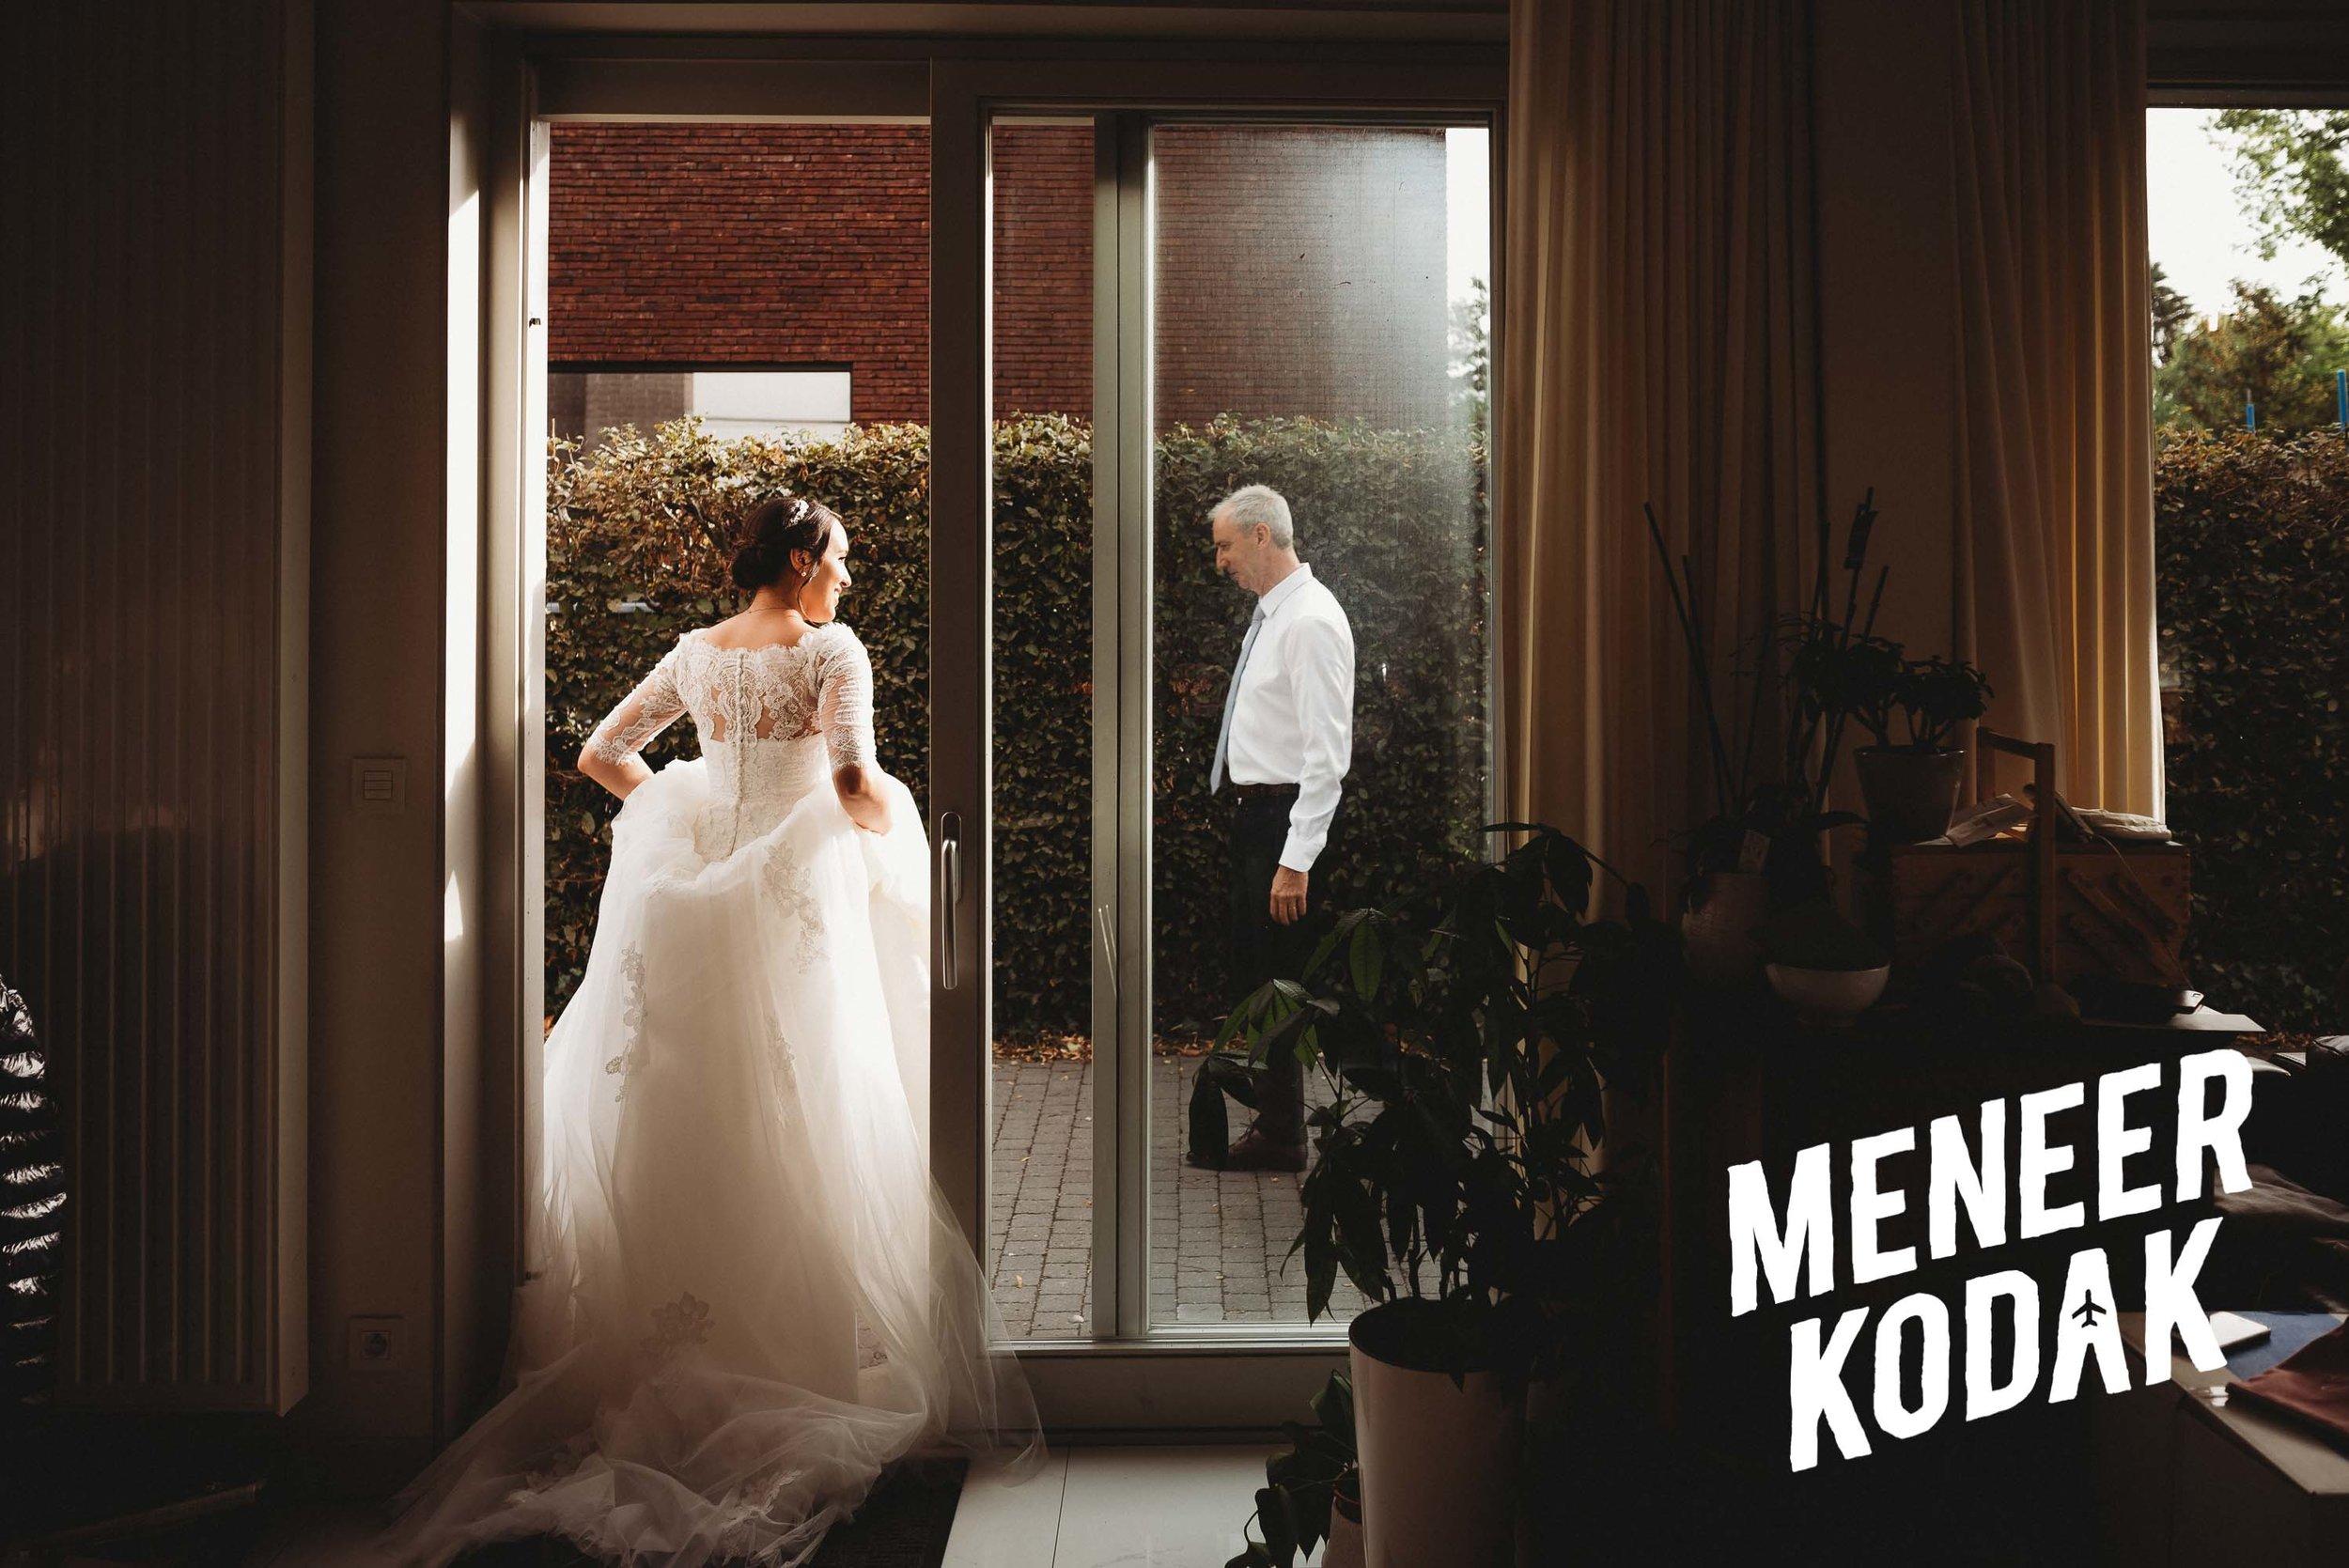 Meneer Kodak - Trouwfotograaf - Gent - D&T-012.jpg